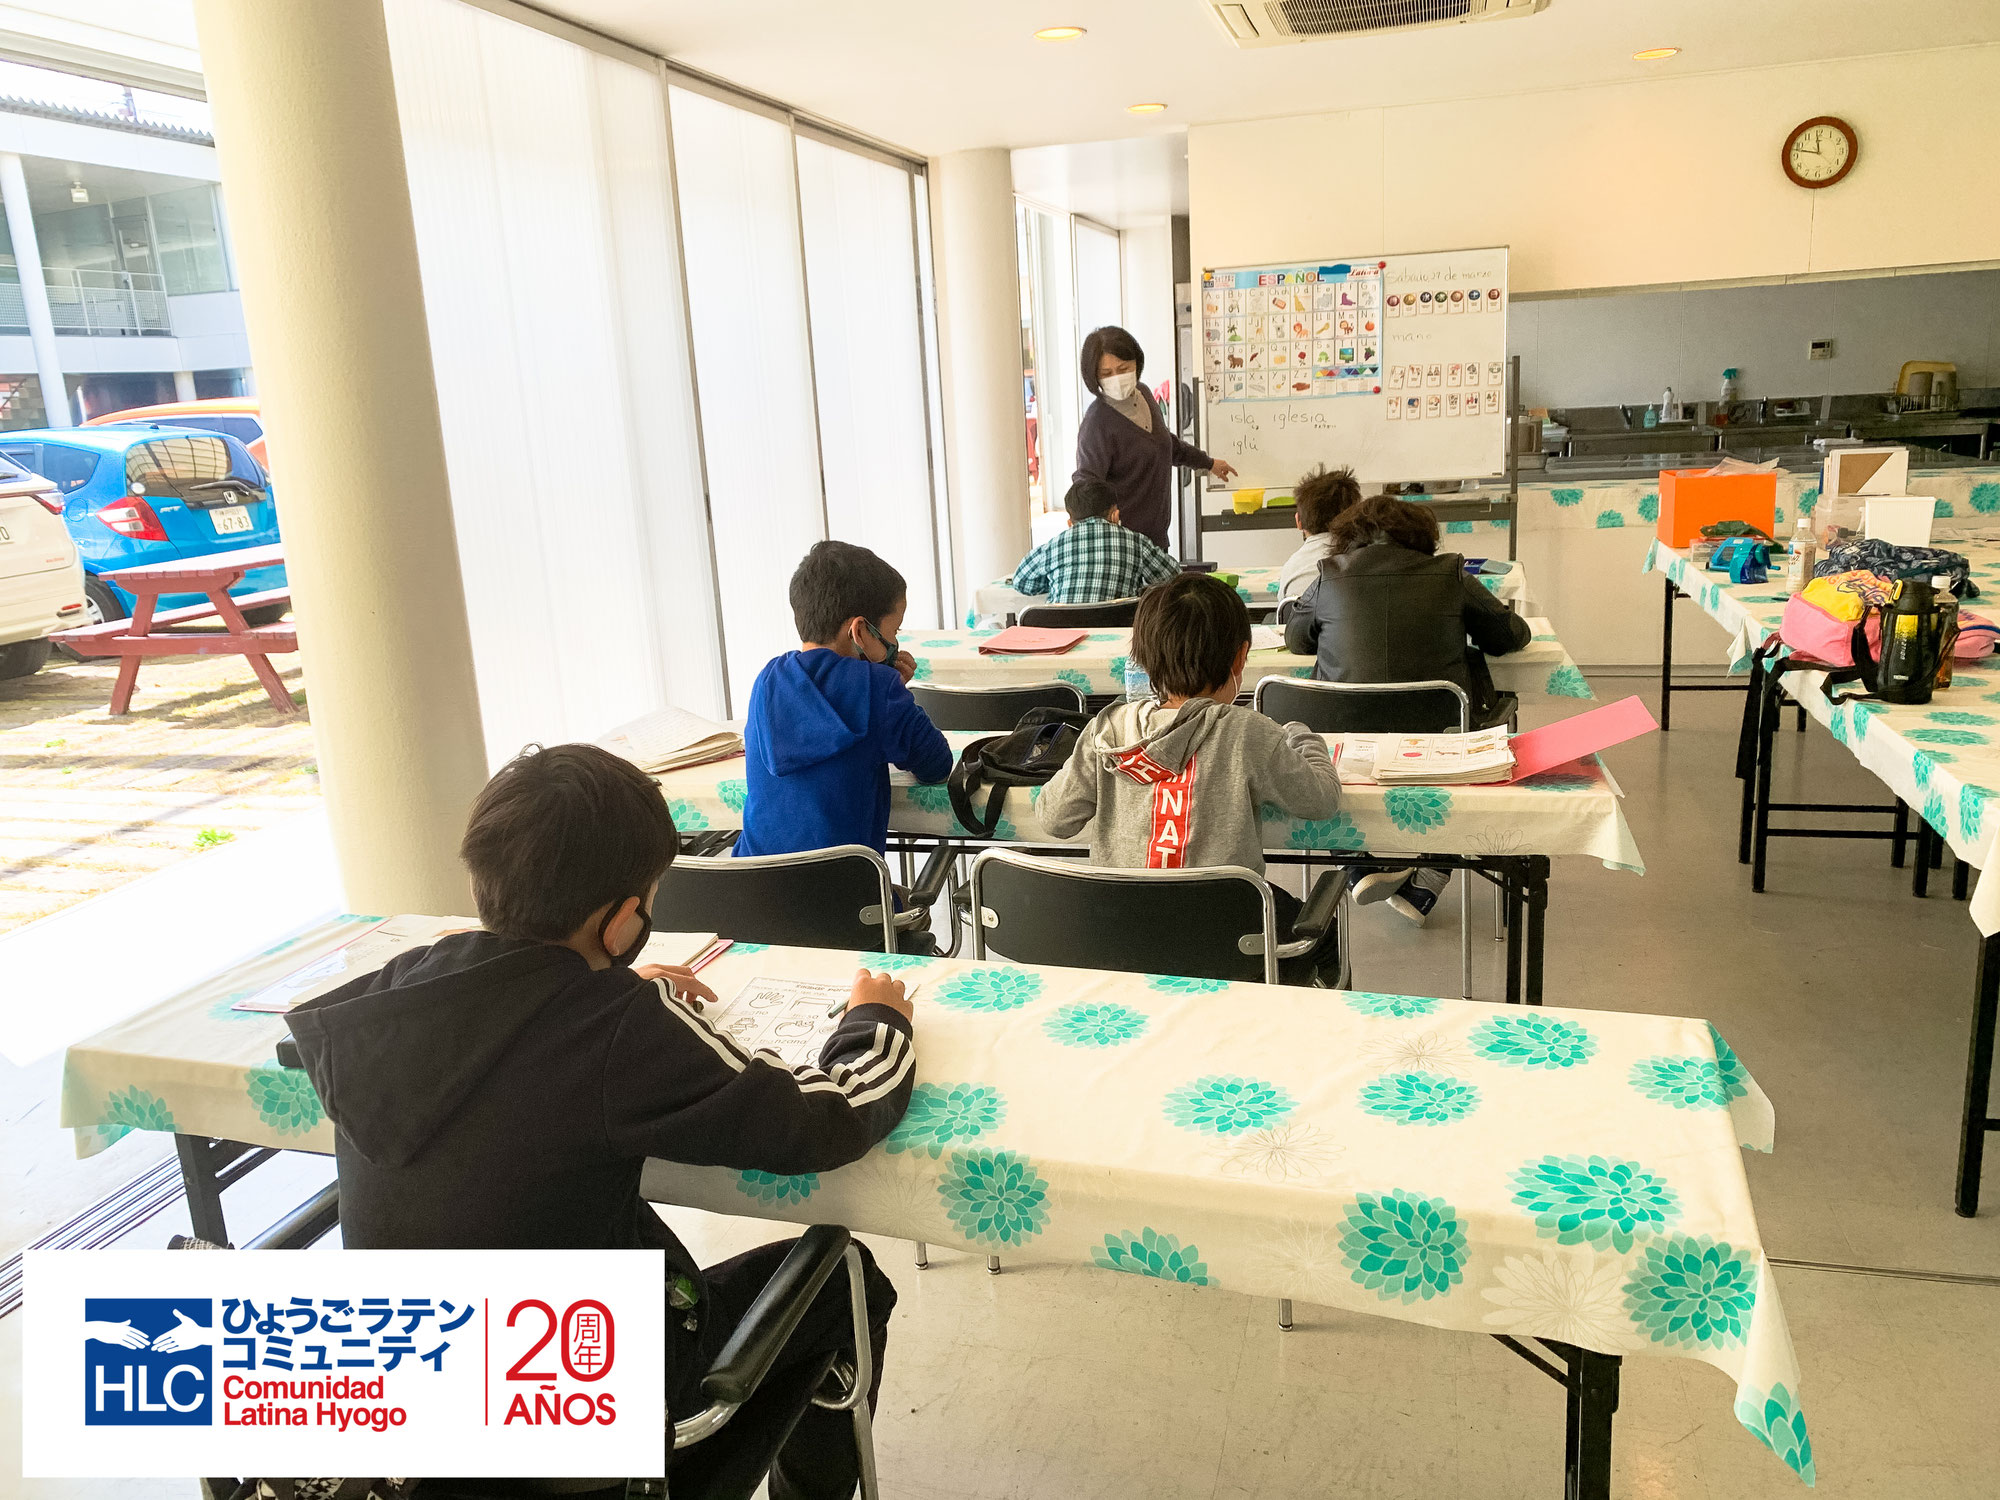 ◆◆母語教室 Amigos sin Fronteras 3月27目の授業/ Taller de español, 27 marzo◆◆